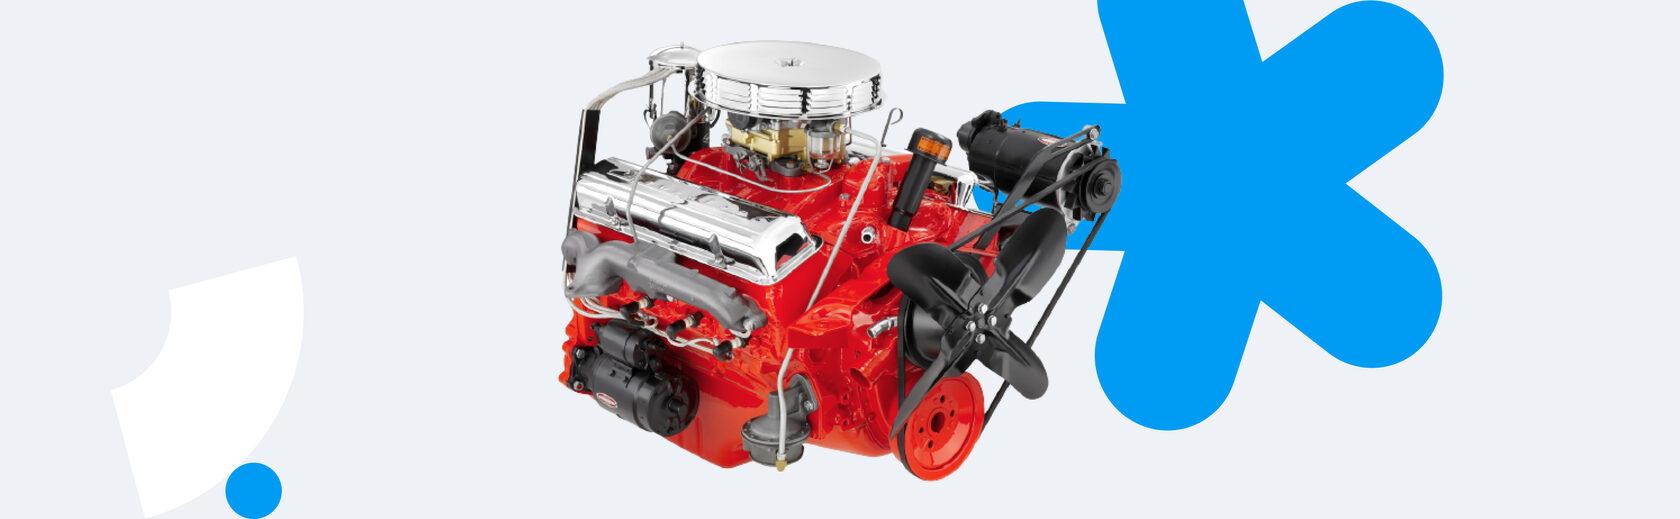 первый бензиновый двигатель